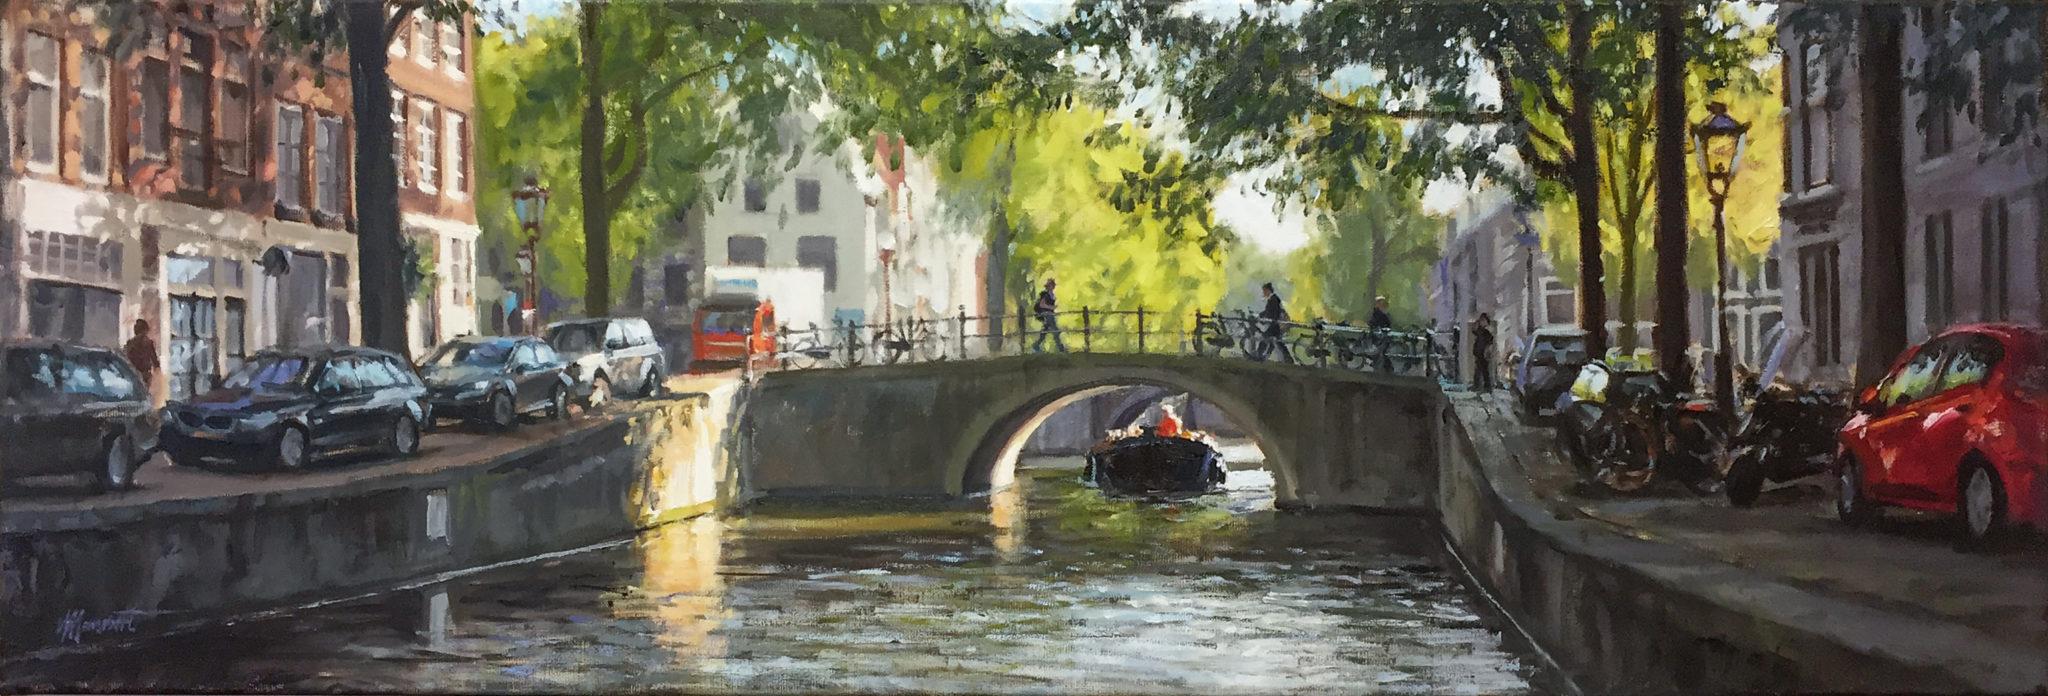 schilderij stad stadsgezicht van maken